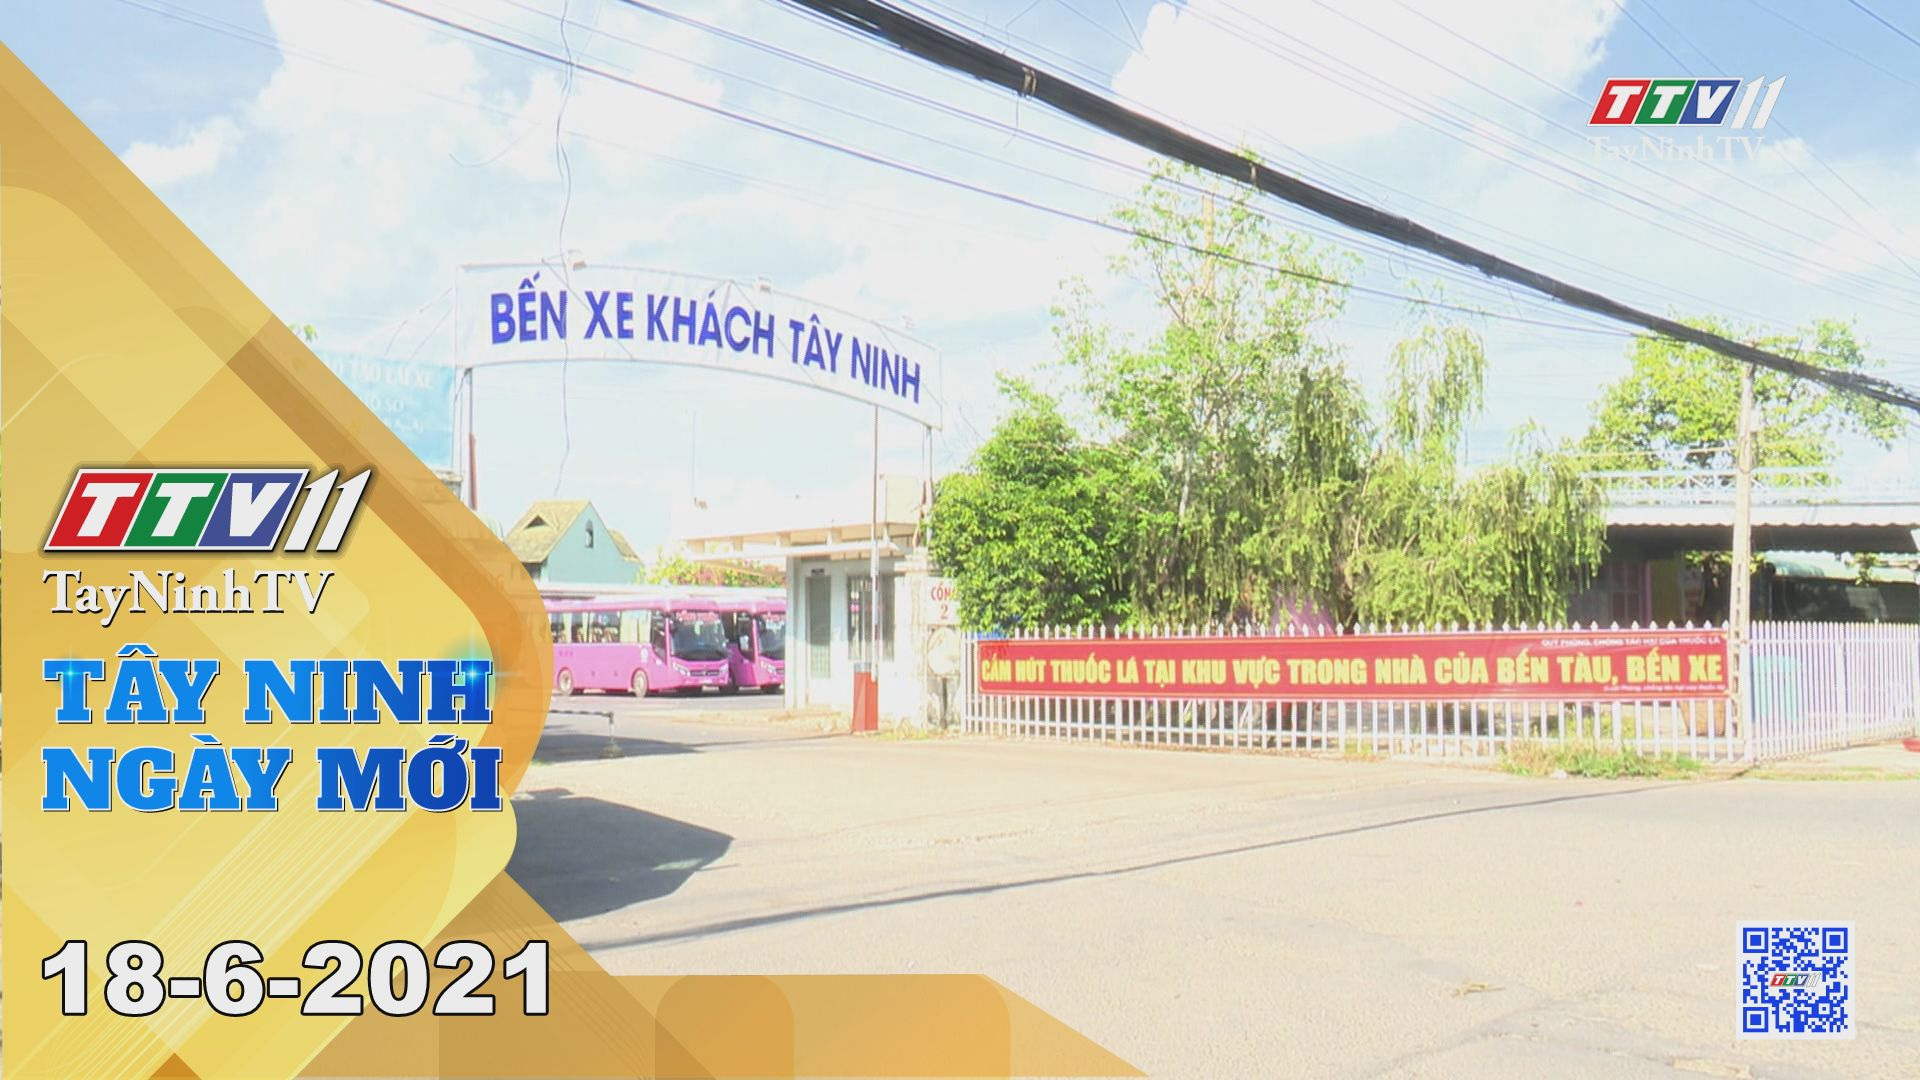 Tây Ninh Ngày Mới 18-6-2021 | Tin tức hôm nay | TayNinhTV